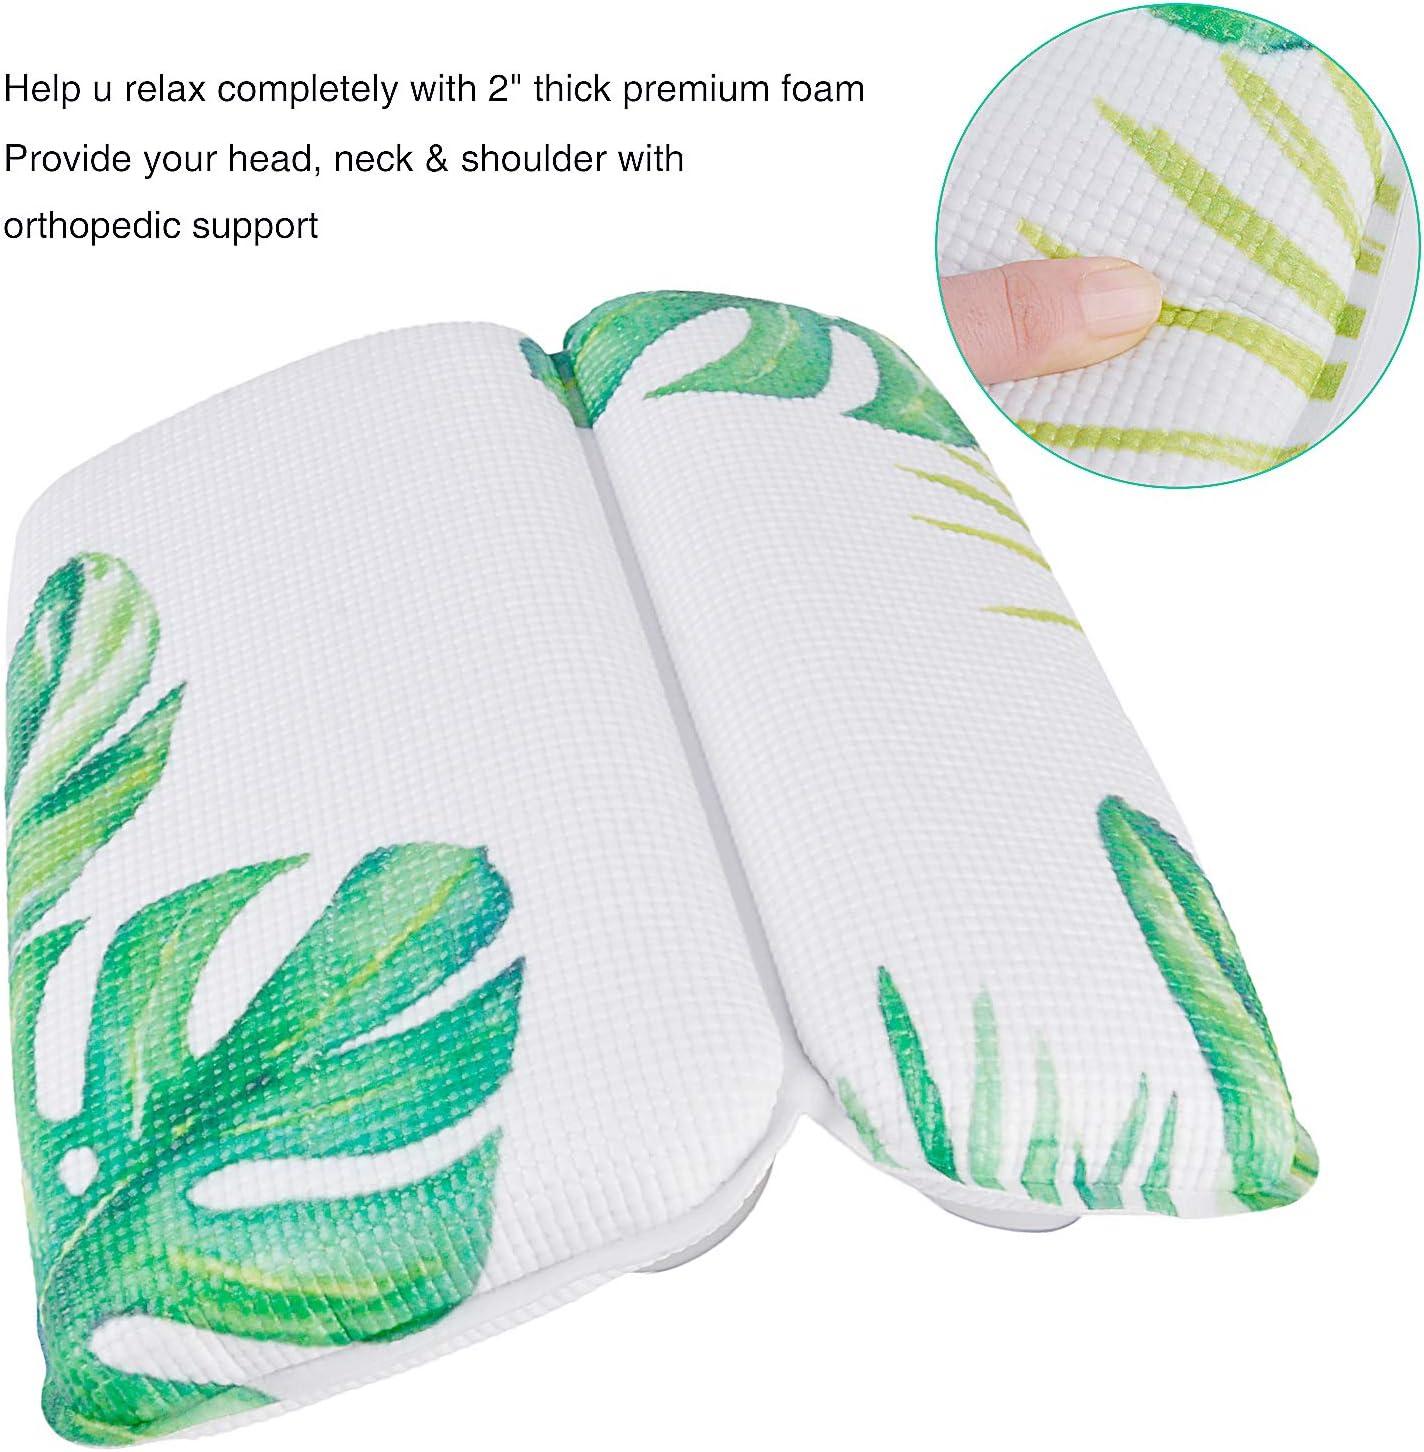 Almohadas de Ba/ño de SPA Ventosas Fuertes Almohadillas de Soporte Suave y C/ómodo para Hombres y Mujeres Kapmore Almohada de Ba/ño Green